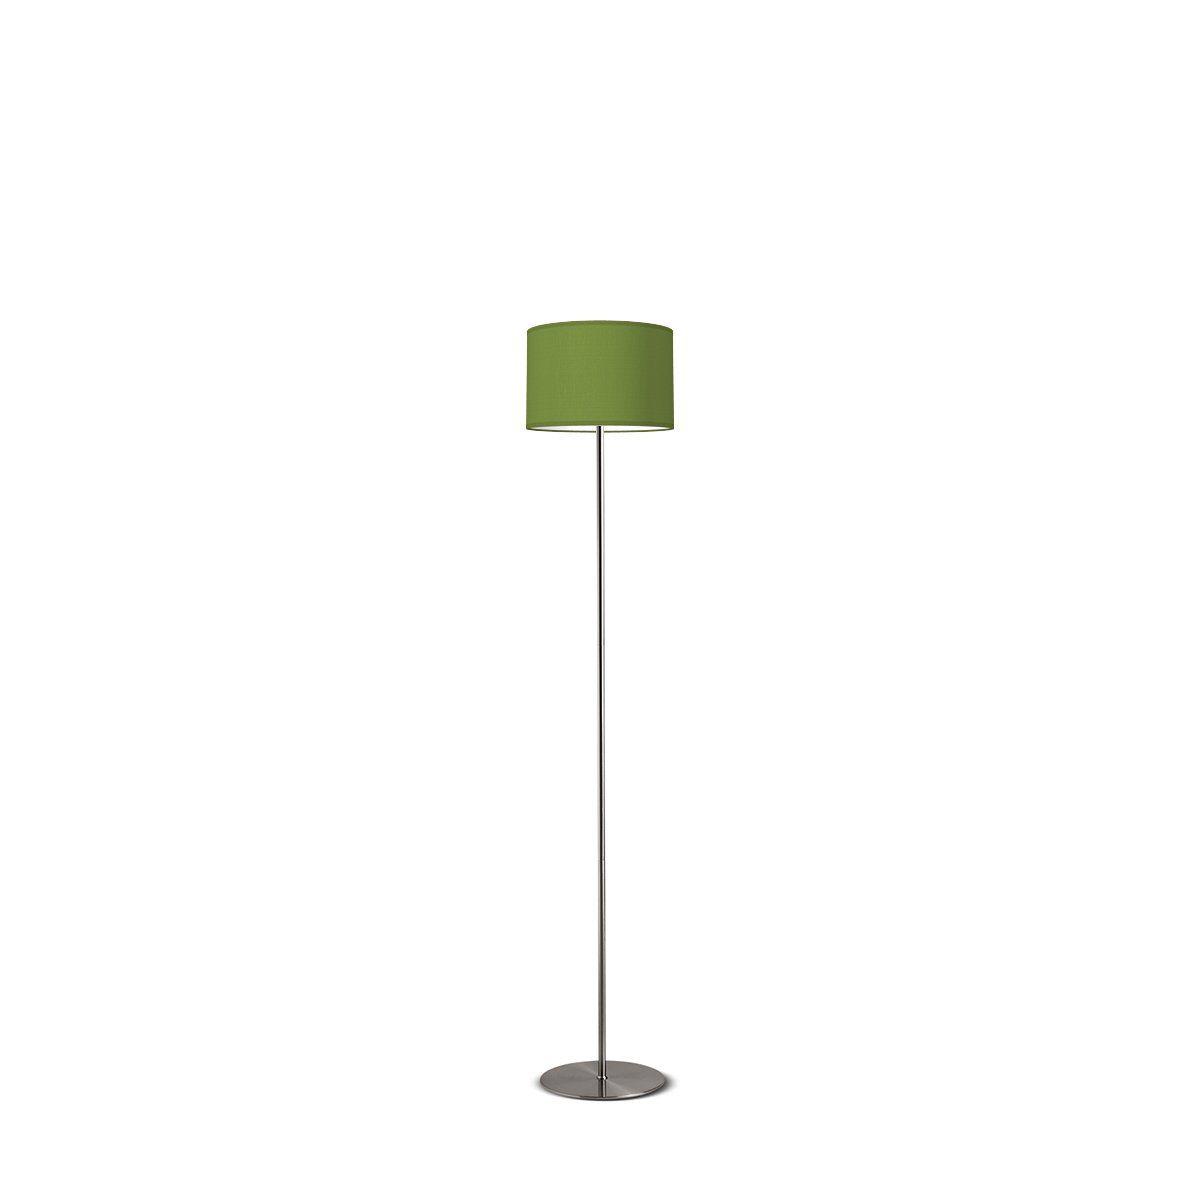 vloerlamp Lift bling Ø 30 cm - groen